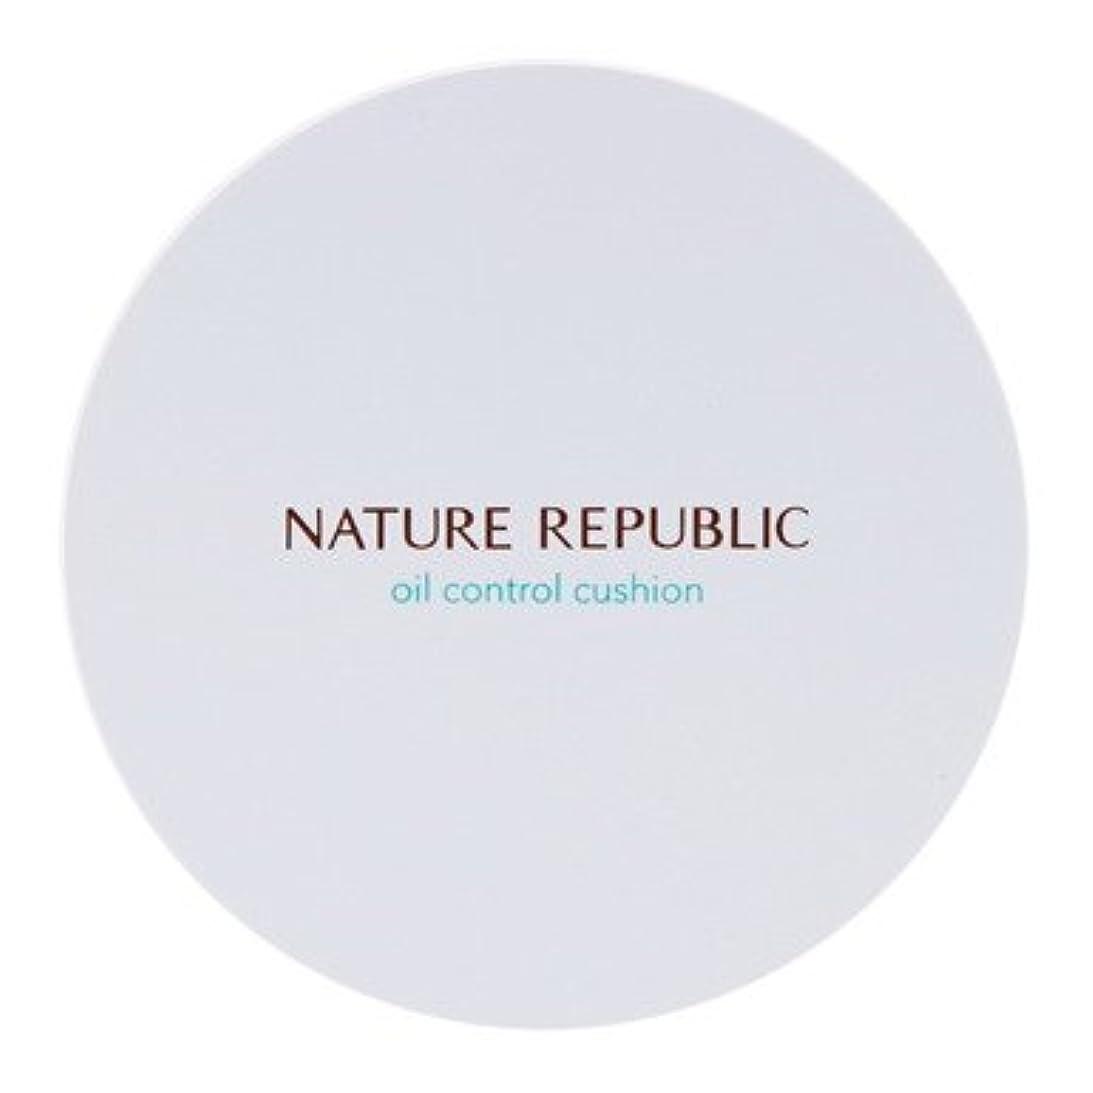 評判出会い自発【NATURE REPUBLIC (ネイチャーリパブリック)】プロヴァンス エアスキンフィット オイルコントロール クッション 15g (SPF50+/ PA+++)(2カラー選択1) (02 ナチュラルベージュ) [並行輸入品]